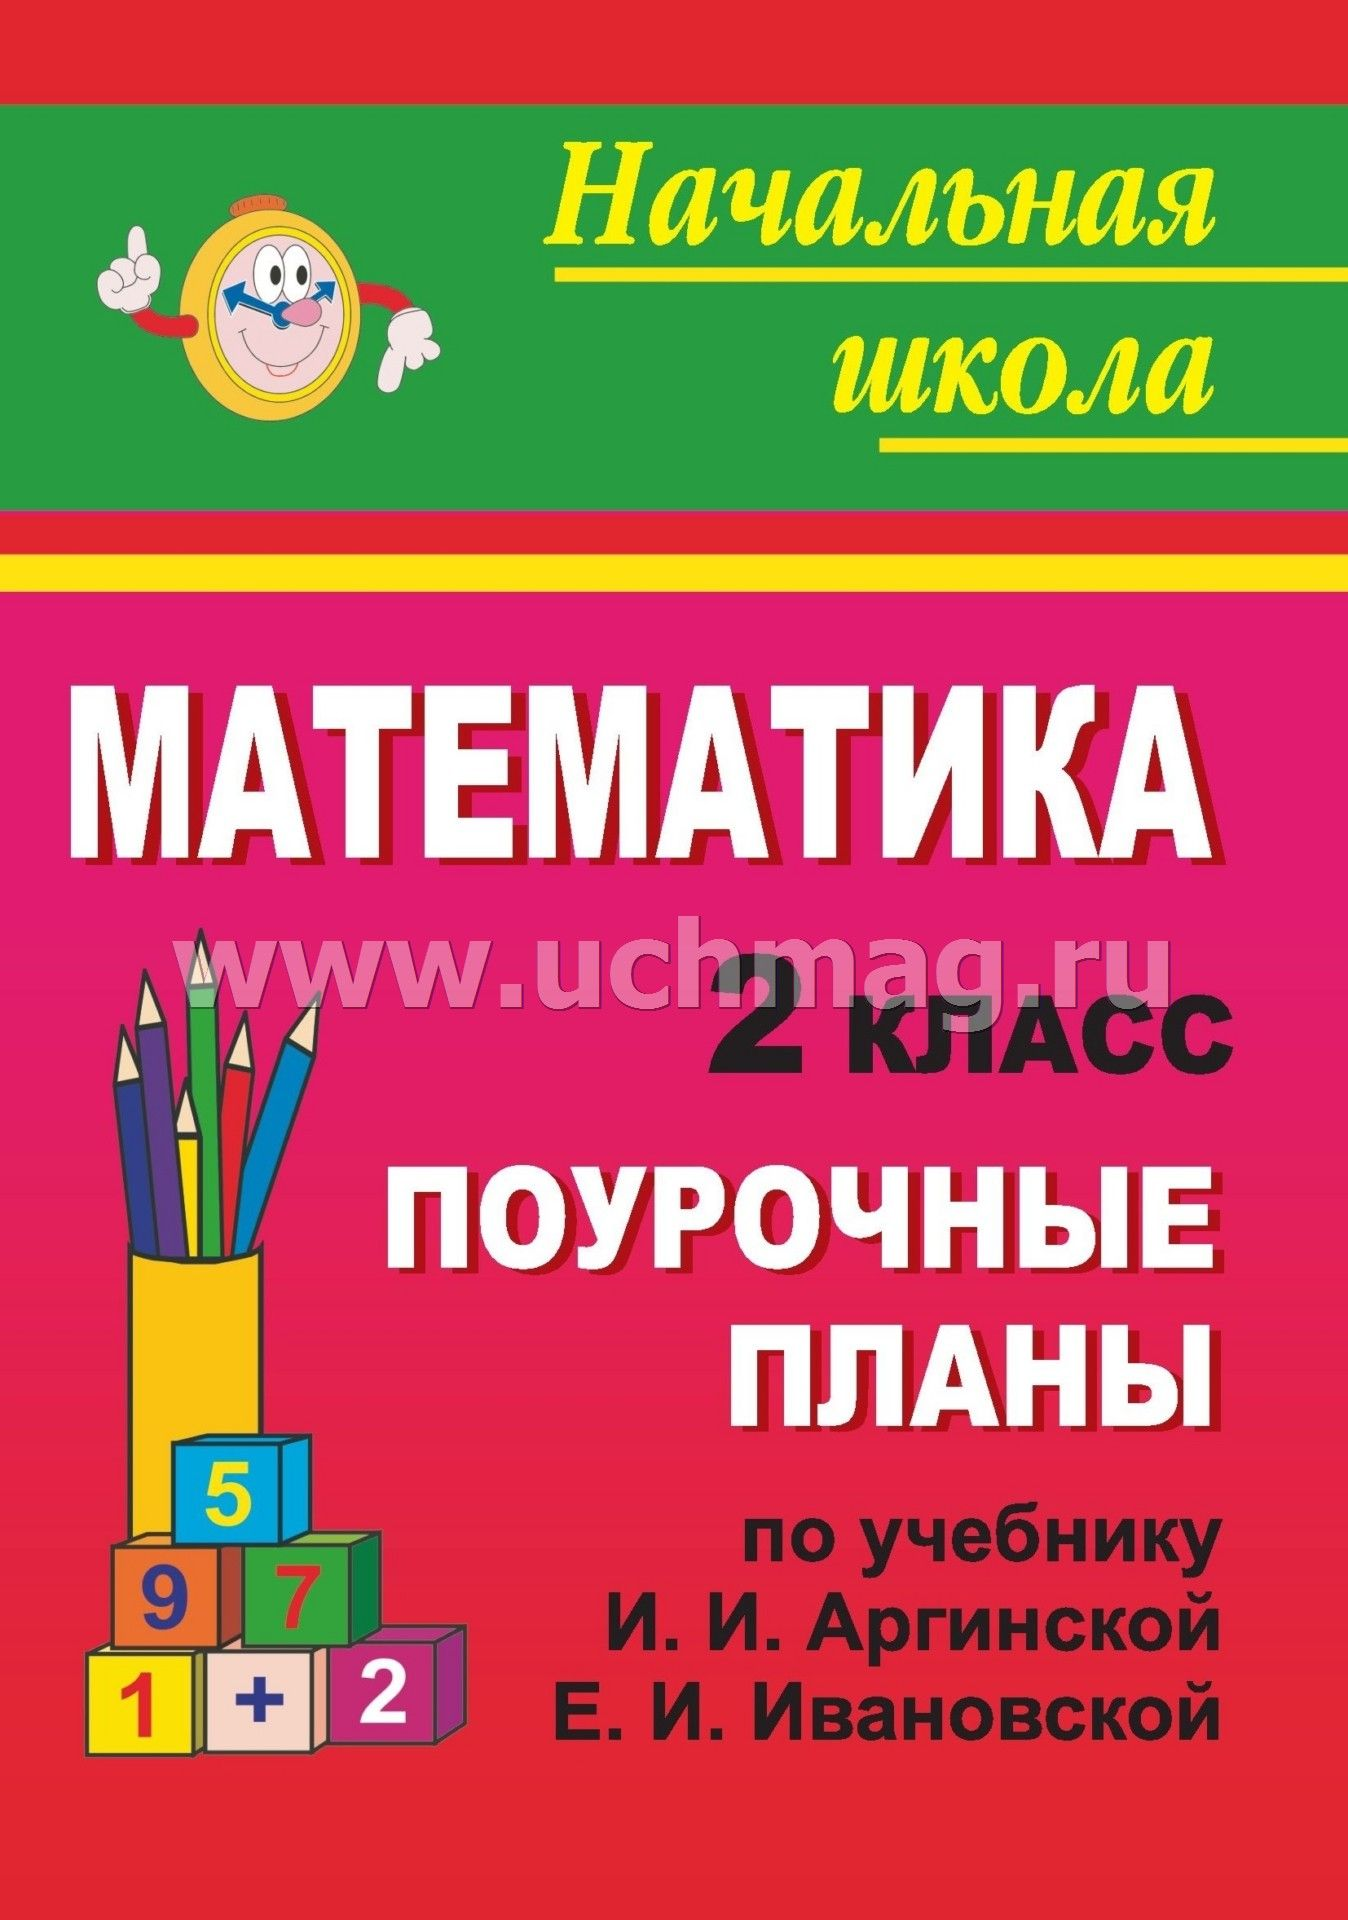 Форум по математике 2 класс программа занкова